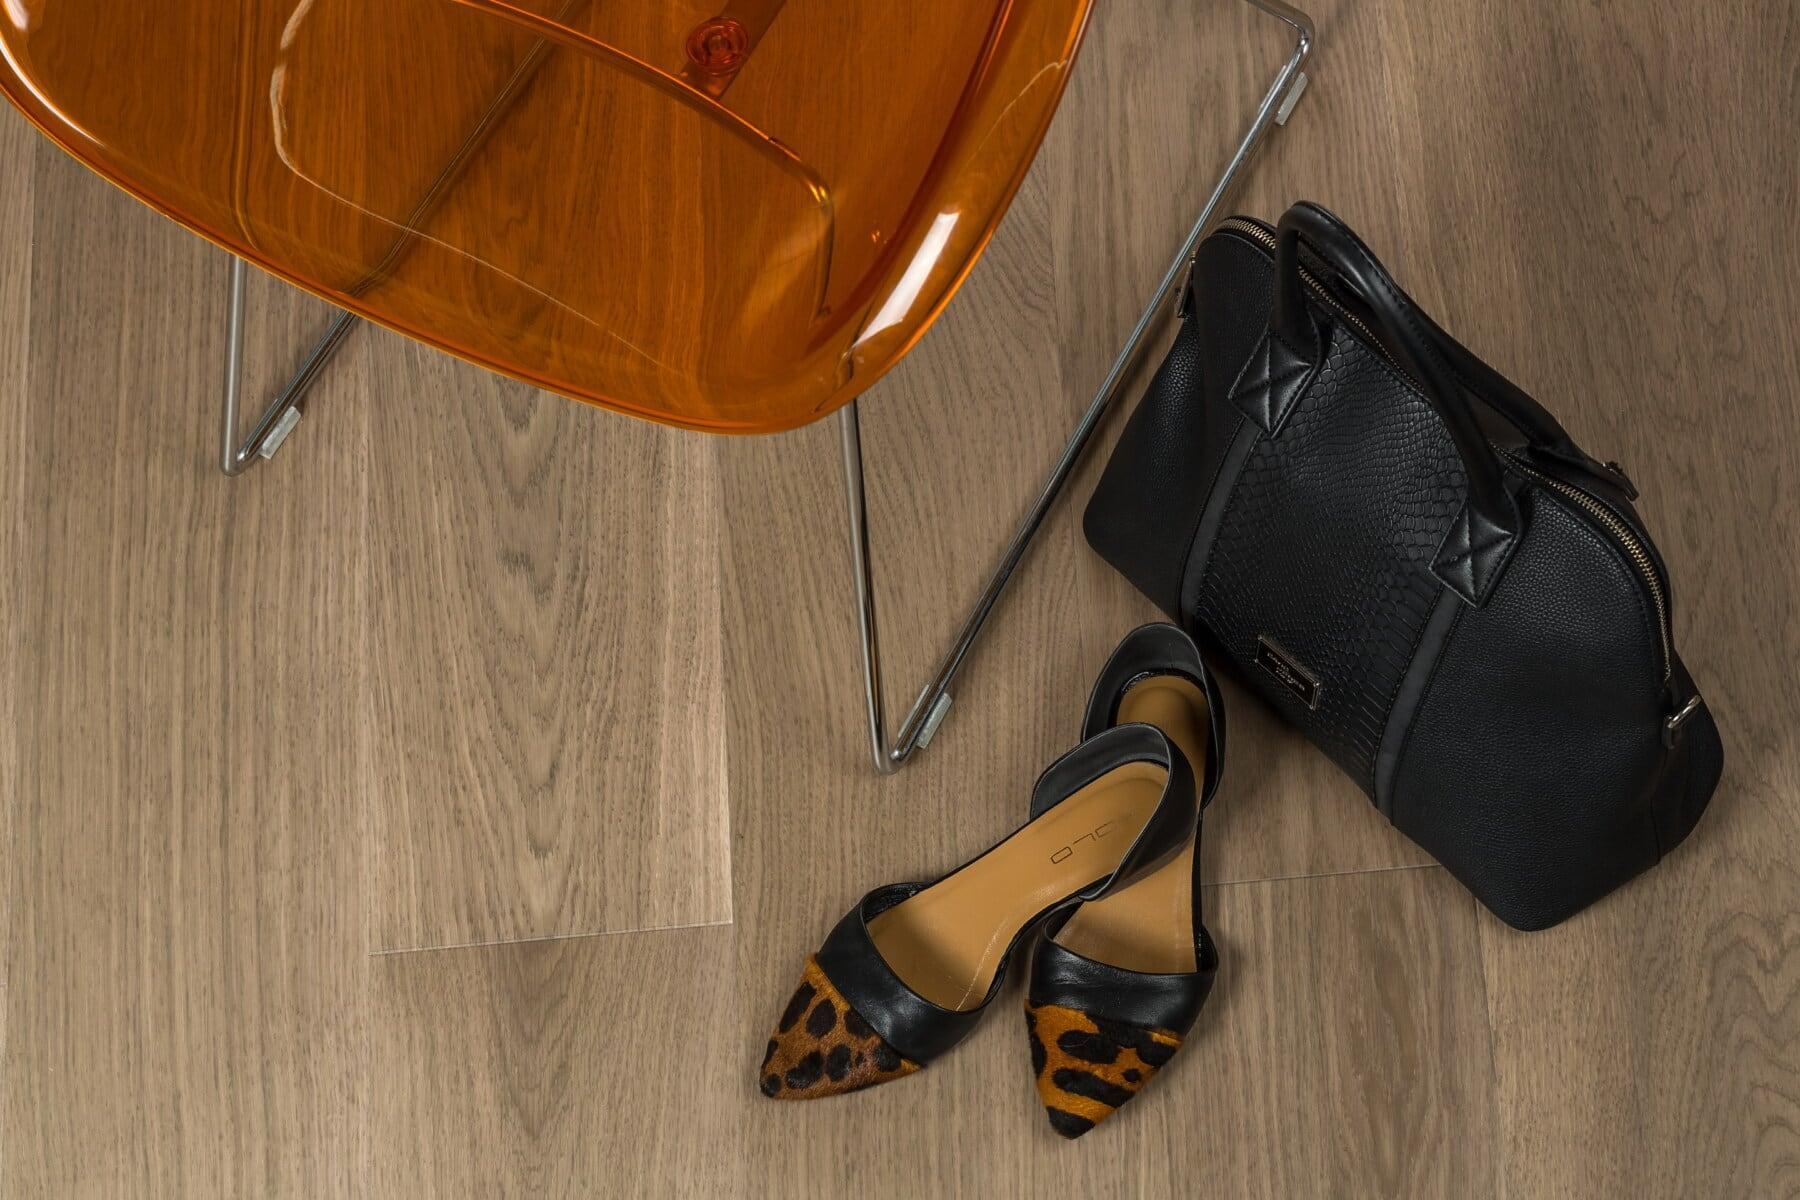 сандал, оранжево жълт, токчета, чанта, черно, кожа, фантазия, класически, стайлинг, обувки